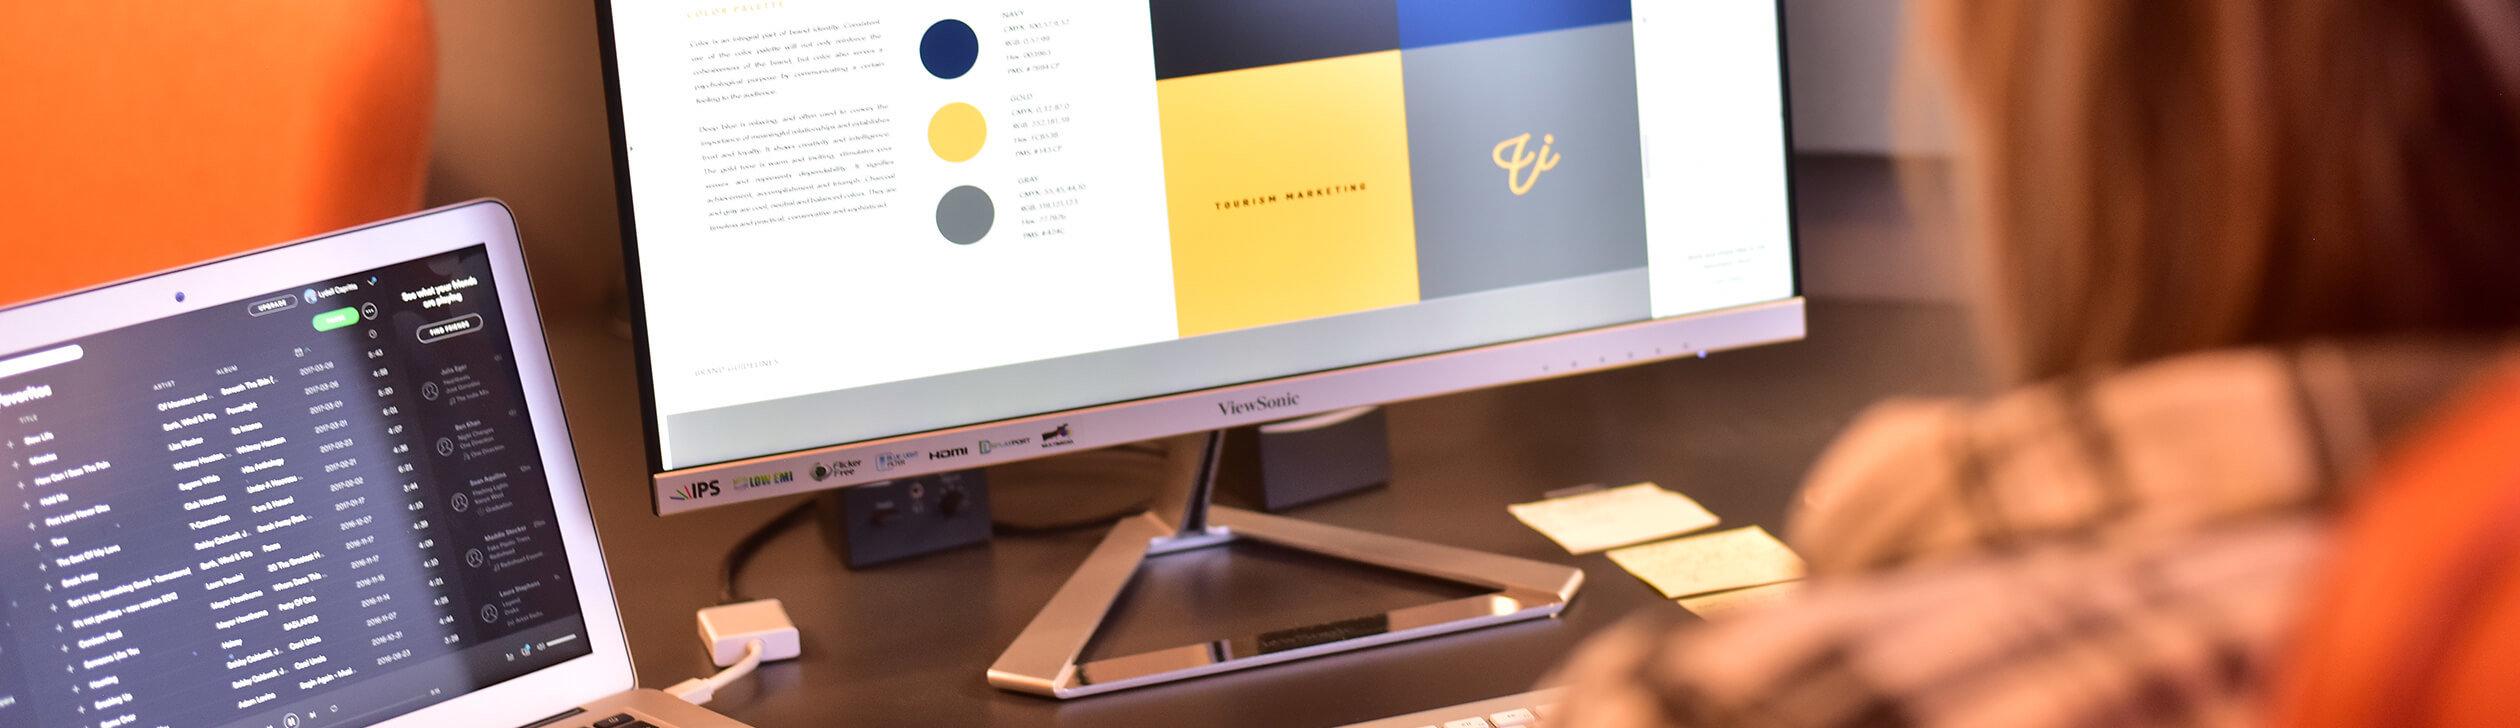 Vector ink rebranding process